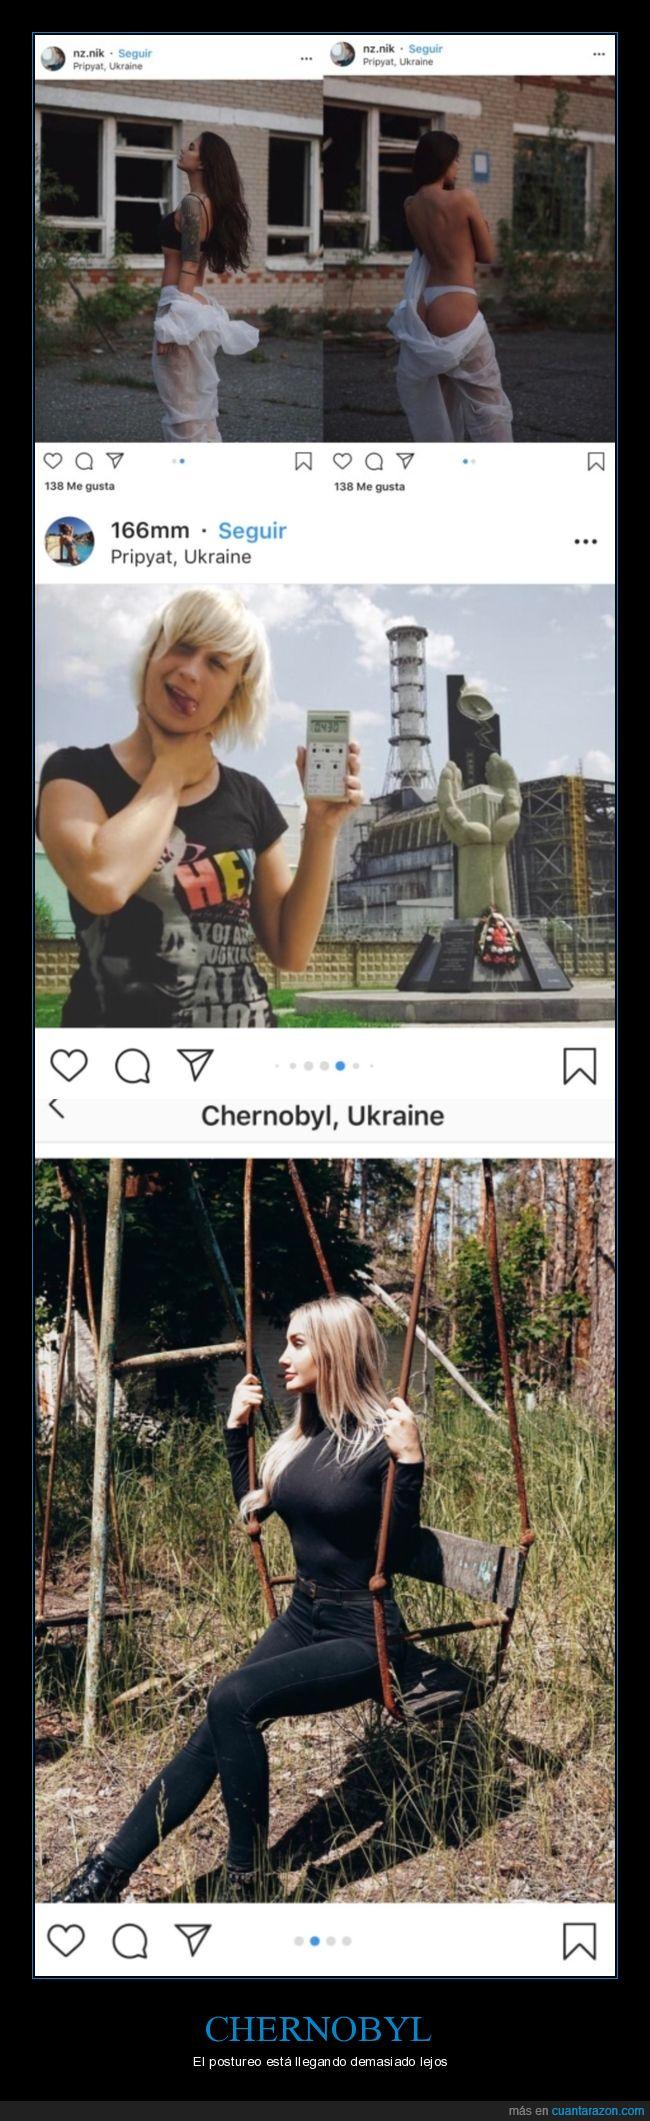 chernobyl,postureo,wtf